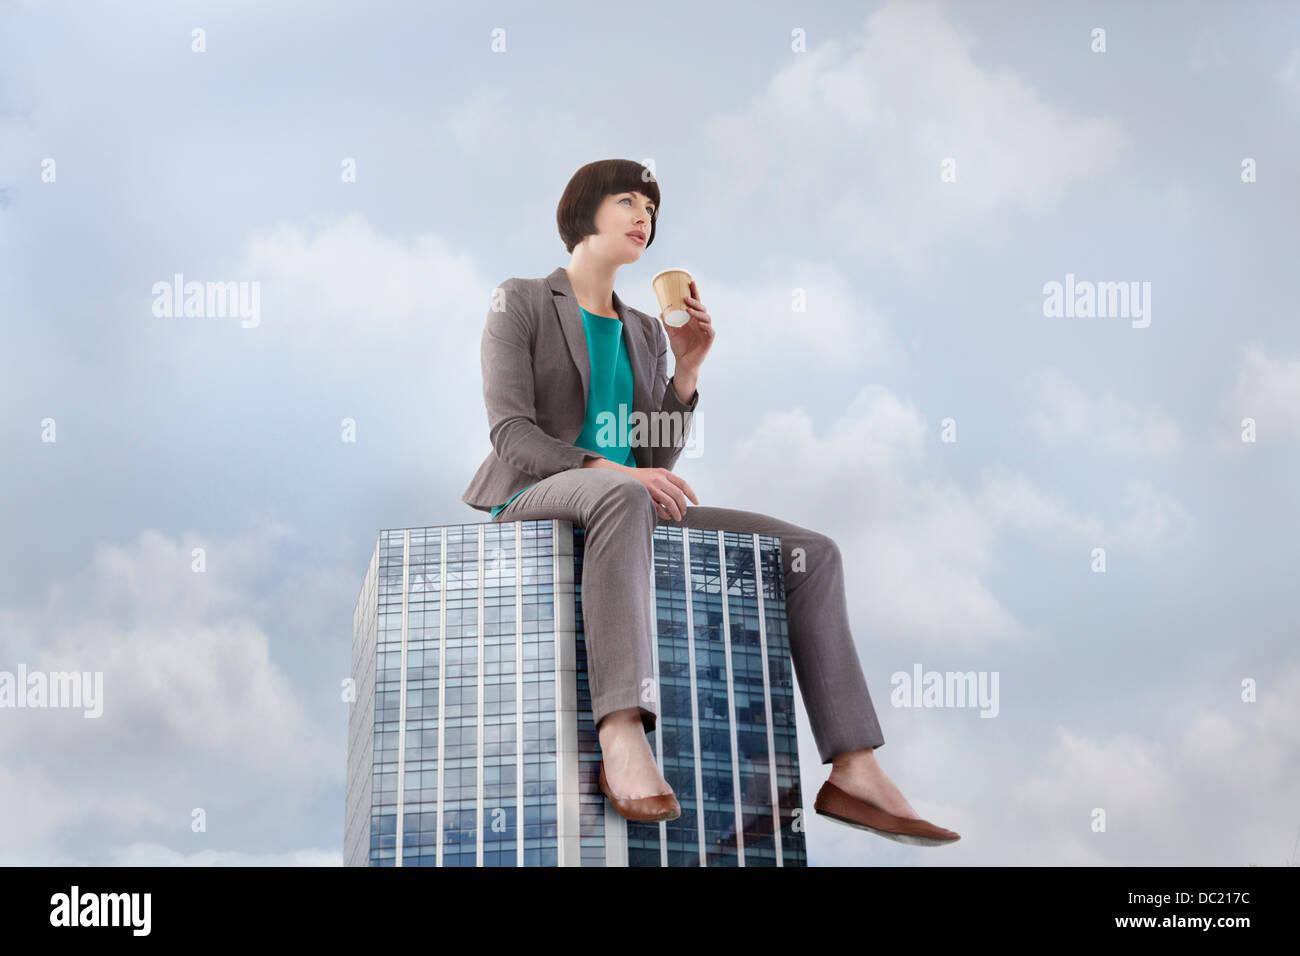 La empresaria sobredimensionado sentado en rascacielos, bajo ángulo de visión Imagen De Stock